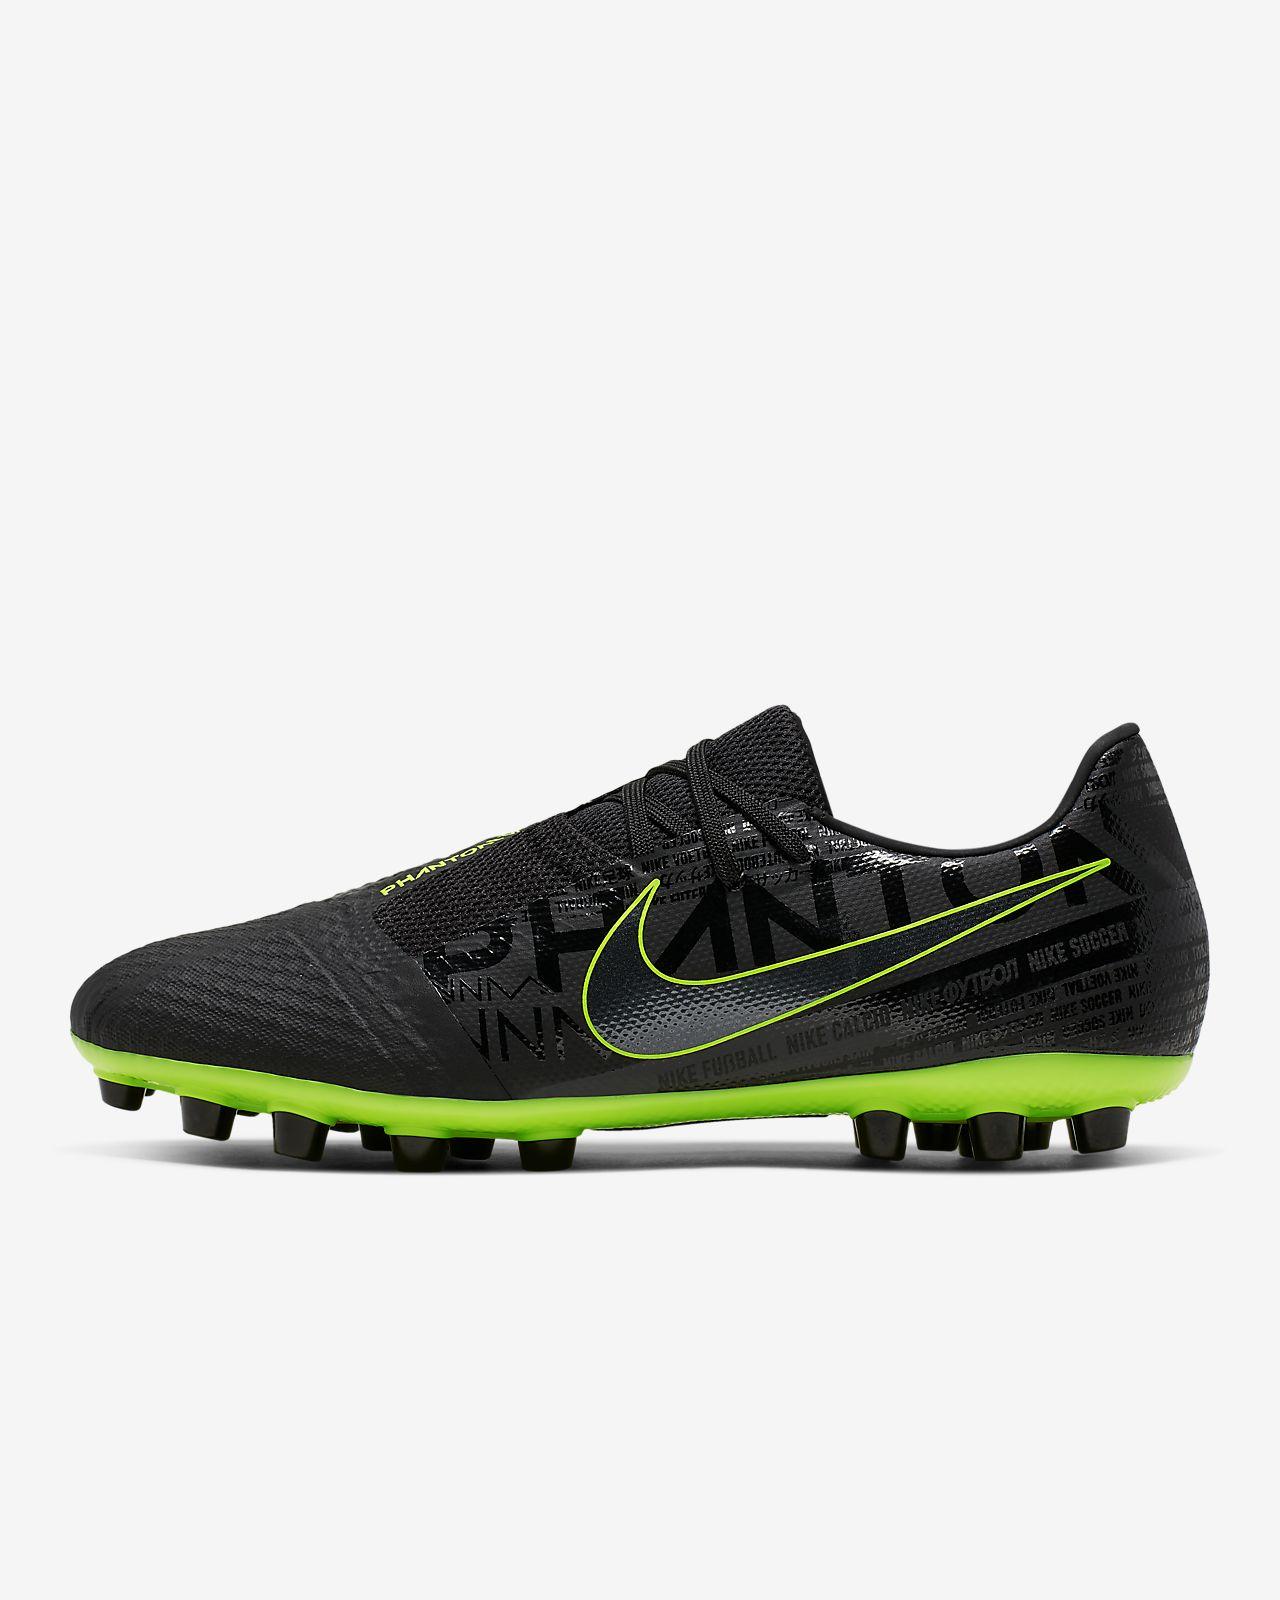 Calzado de fútbol para pasto artificial Nike Phantom Venom Academy AG